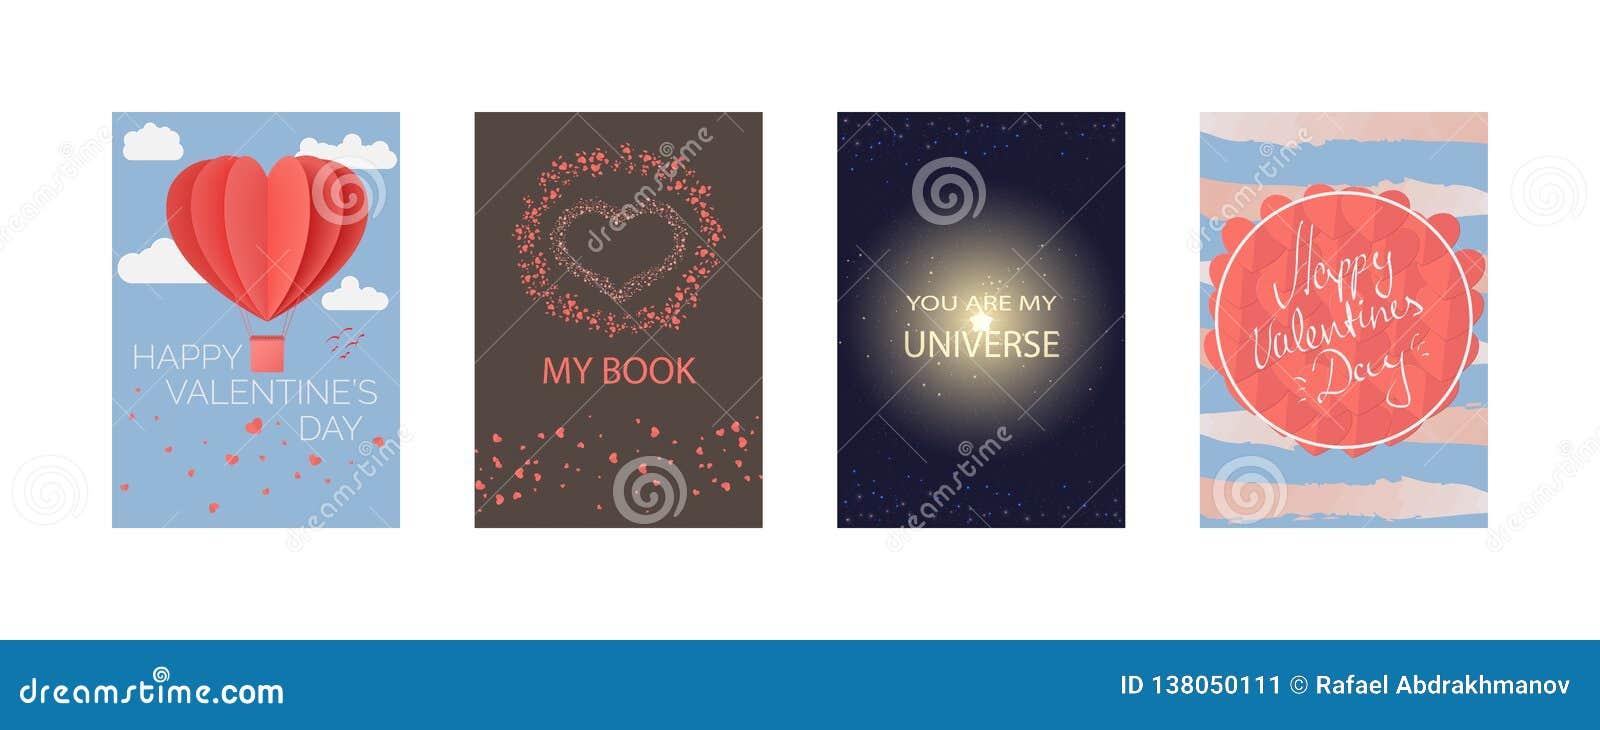 Samlingar av kort för lyckliga valentins dag, min bok, är du mitt universum Typografiaffisch, kort, etikett, banerdesignuppsättni